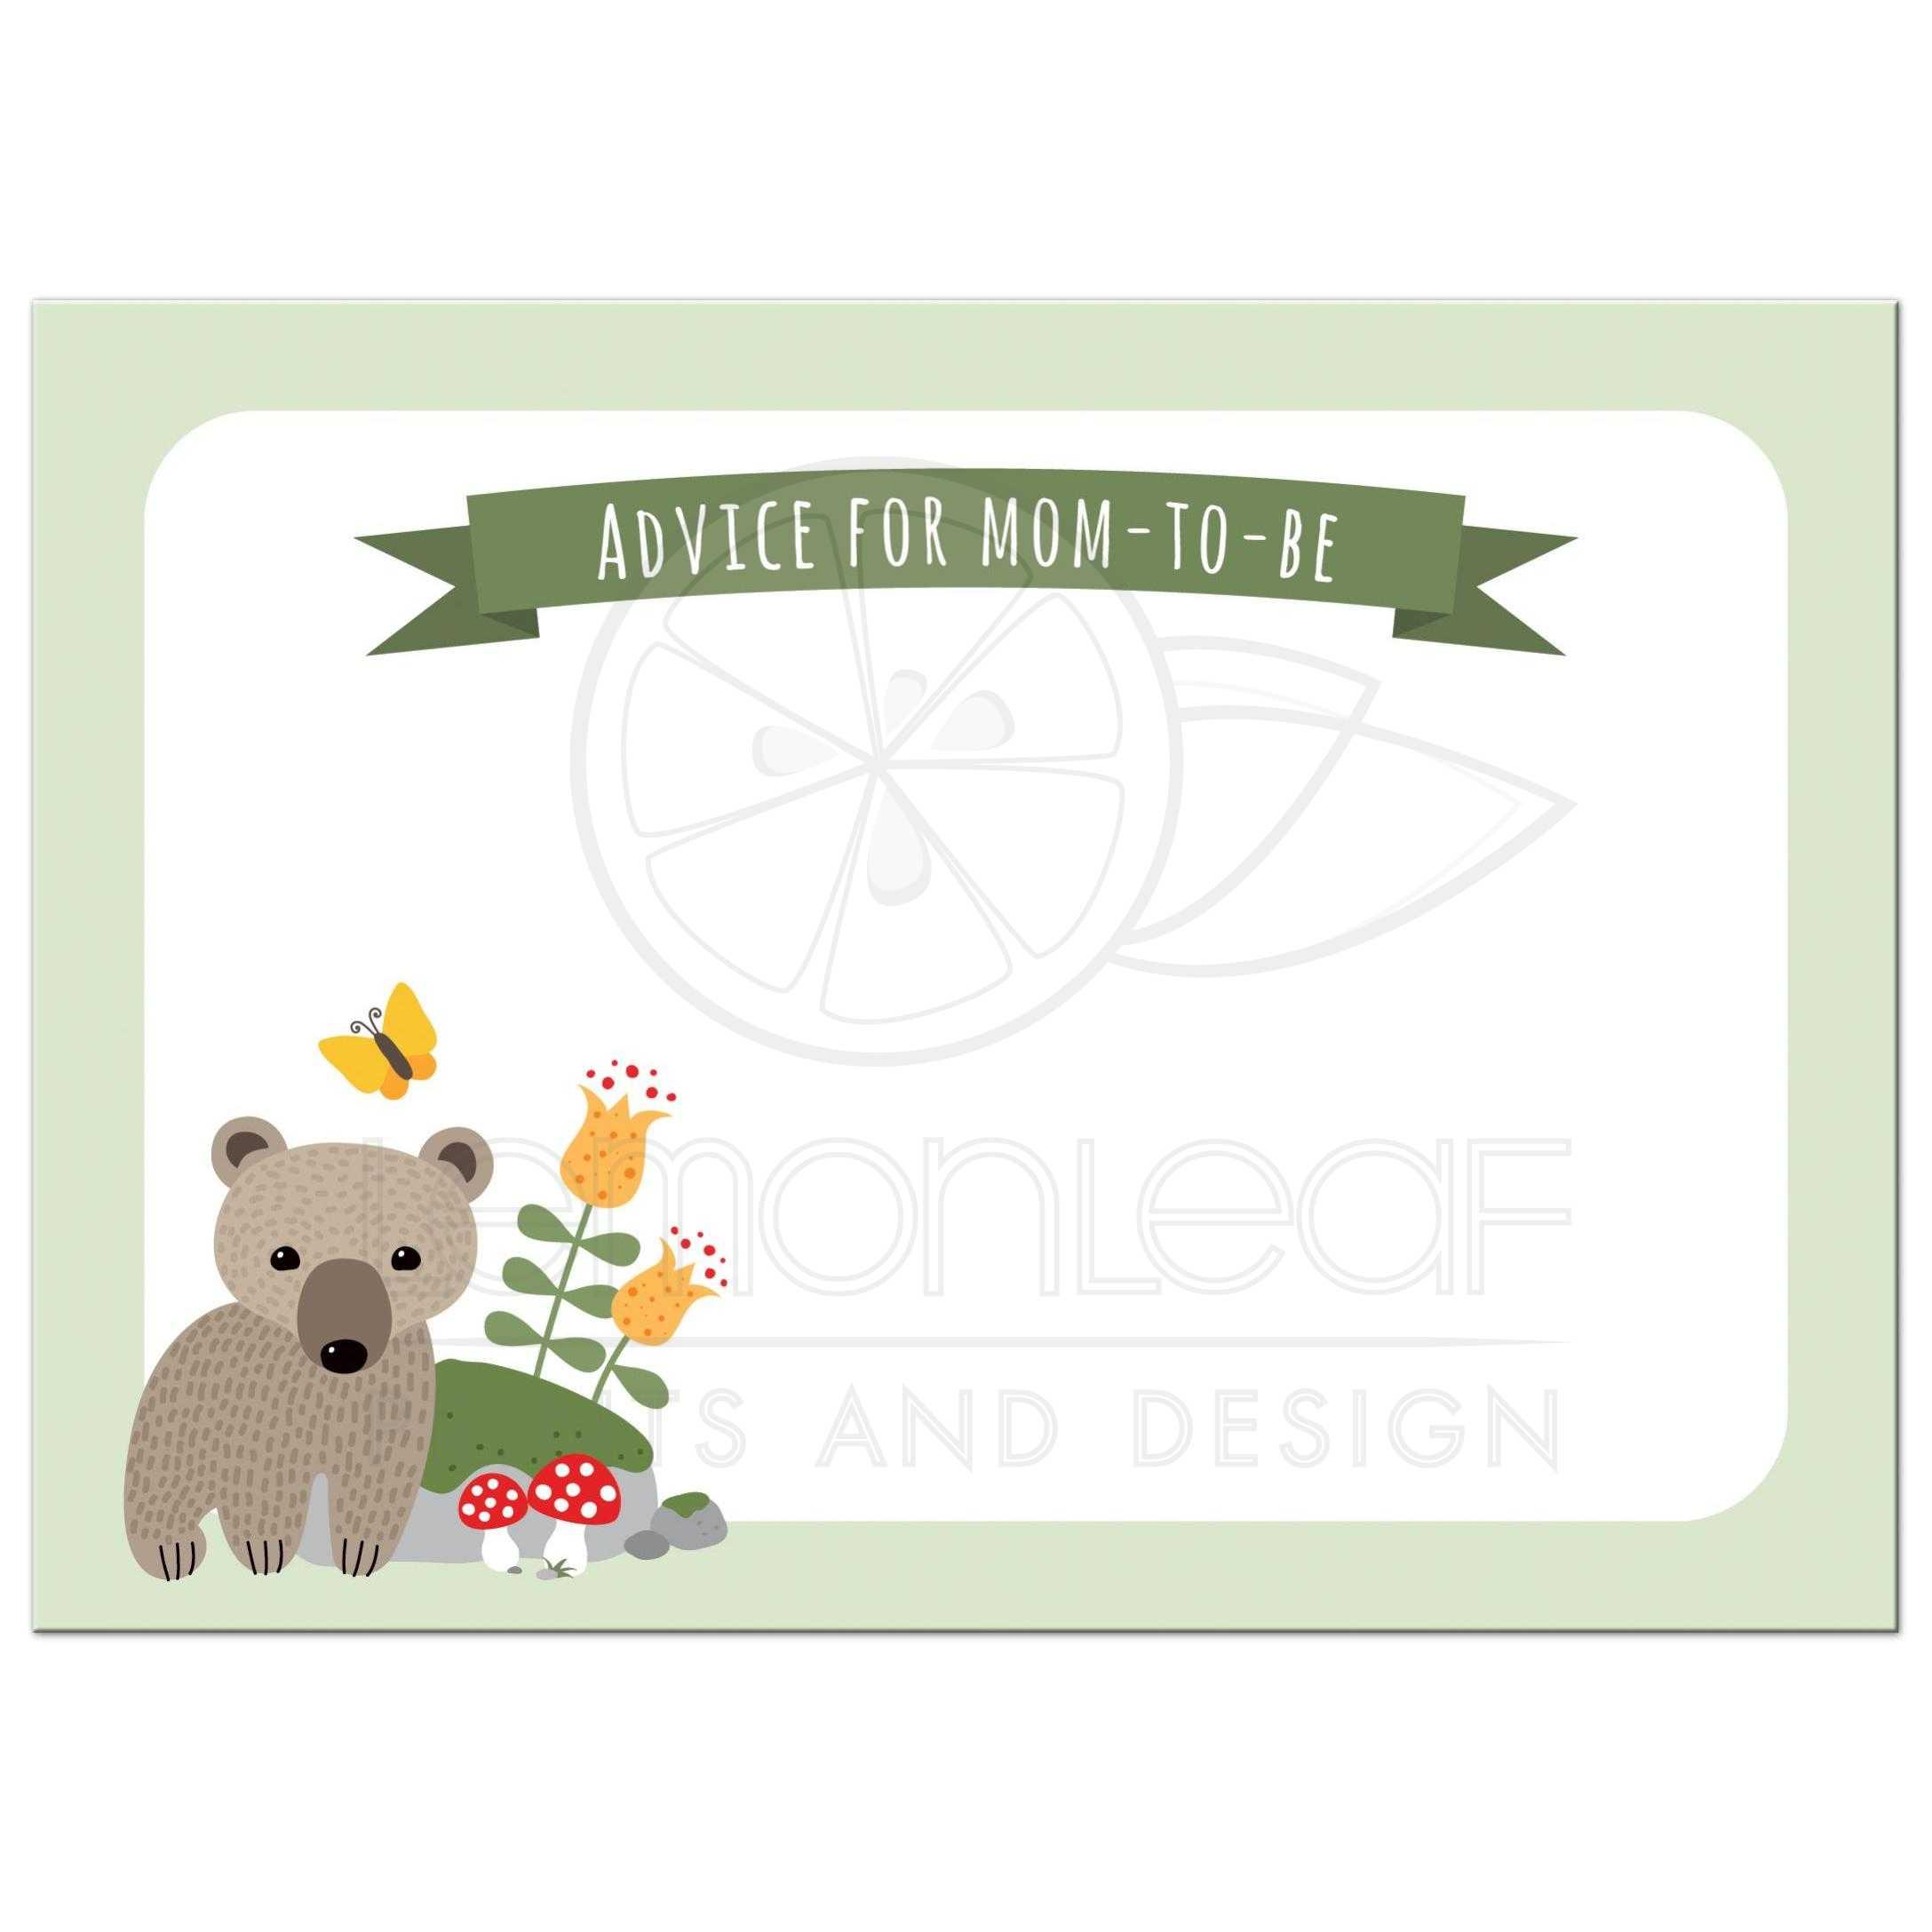 Cute woodland themed baby shower mommy advice card with bear cub